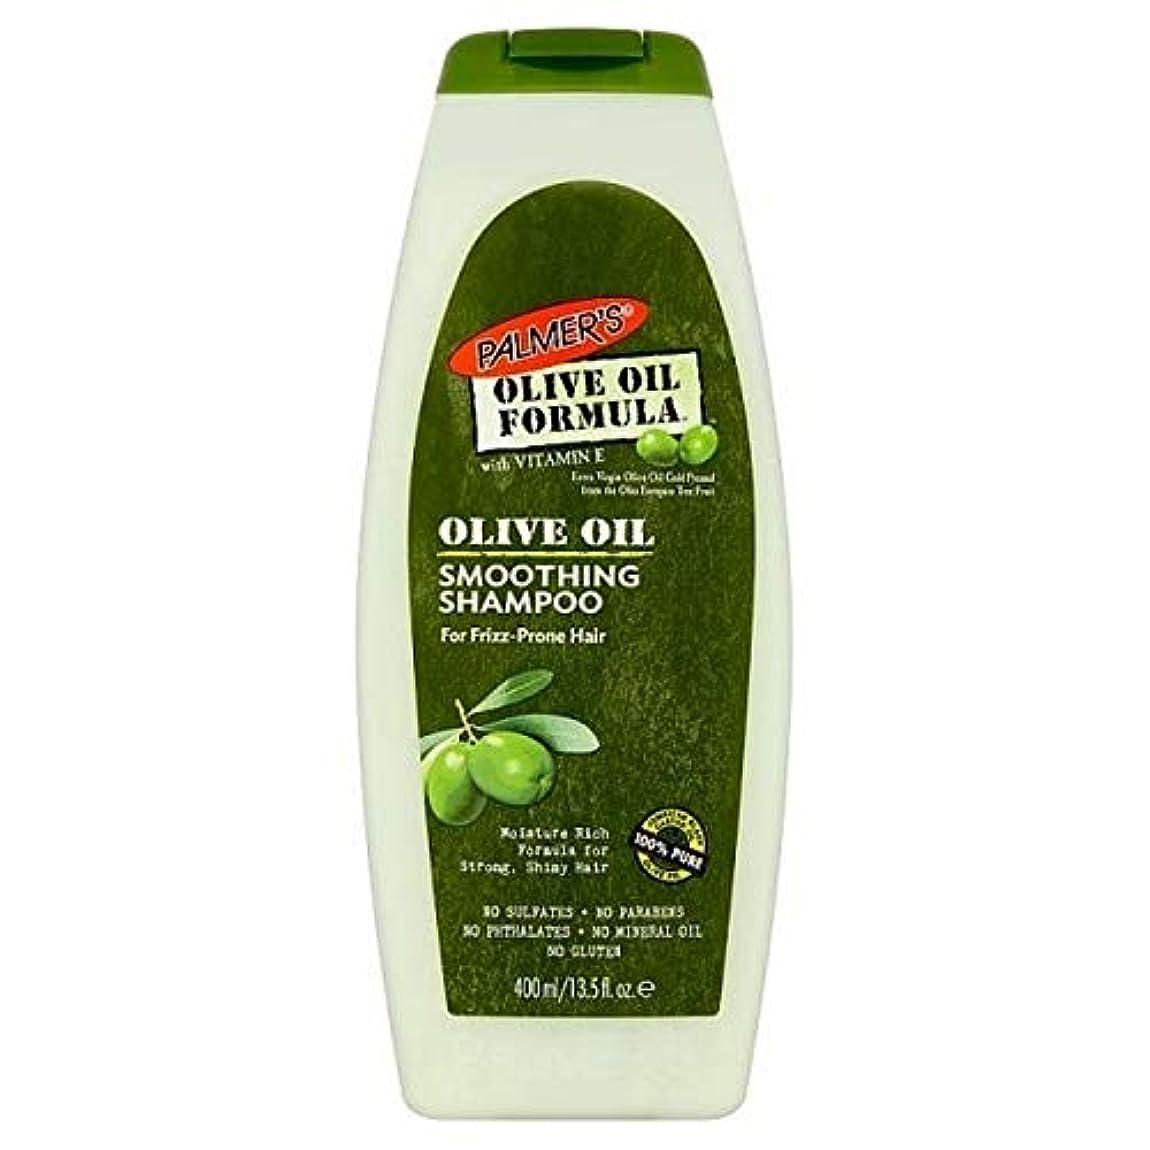 飾り羽出演者理想的には[Palmer's ] パーマーのオリーブオイル式スムージングシャンプー400ミリリットル - Palmer's Olive Oil Formula Smoothing Shampoo 400ml [並行輸入品]